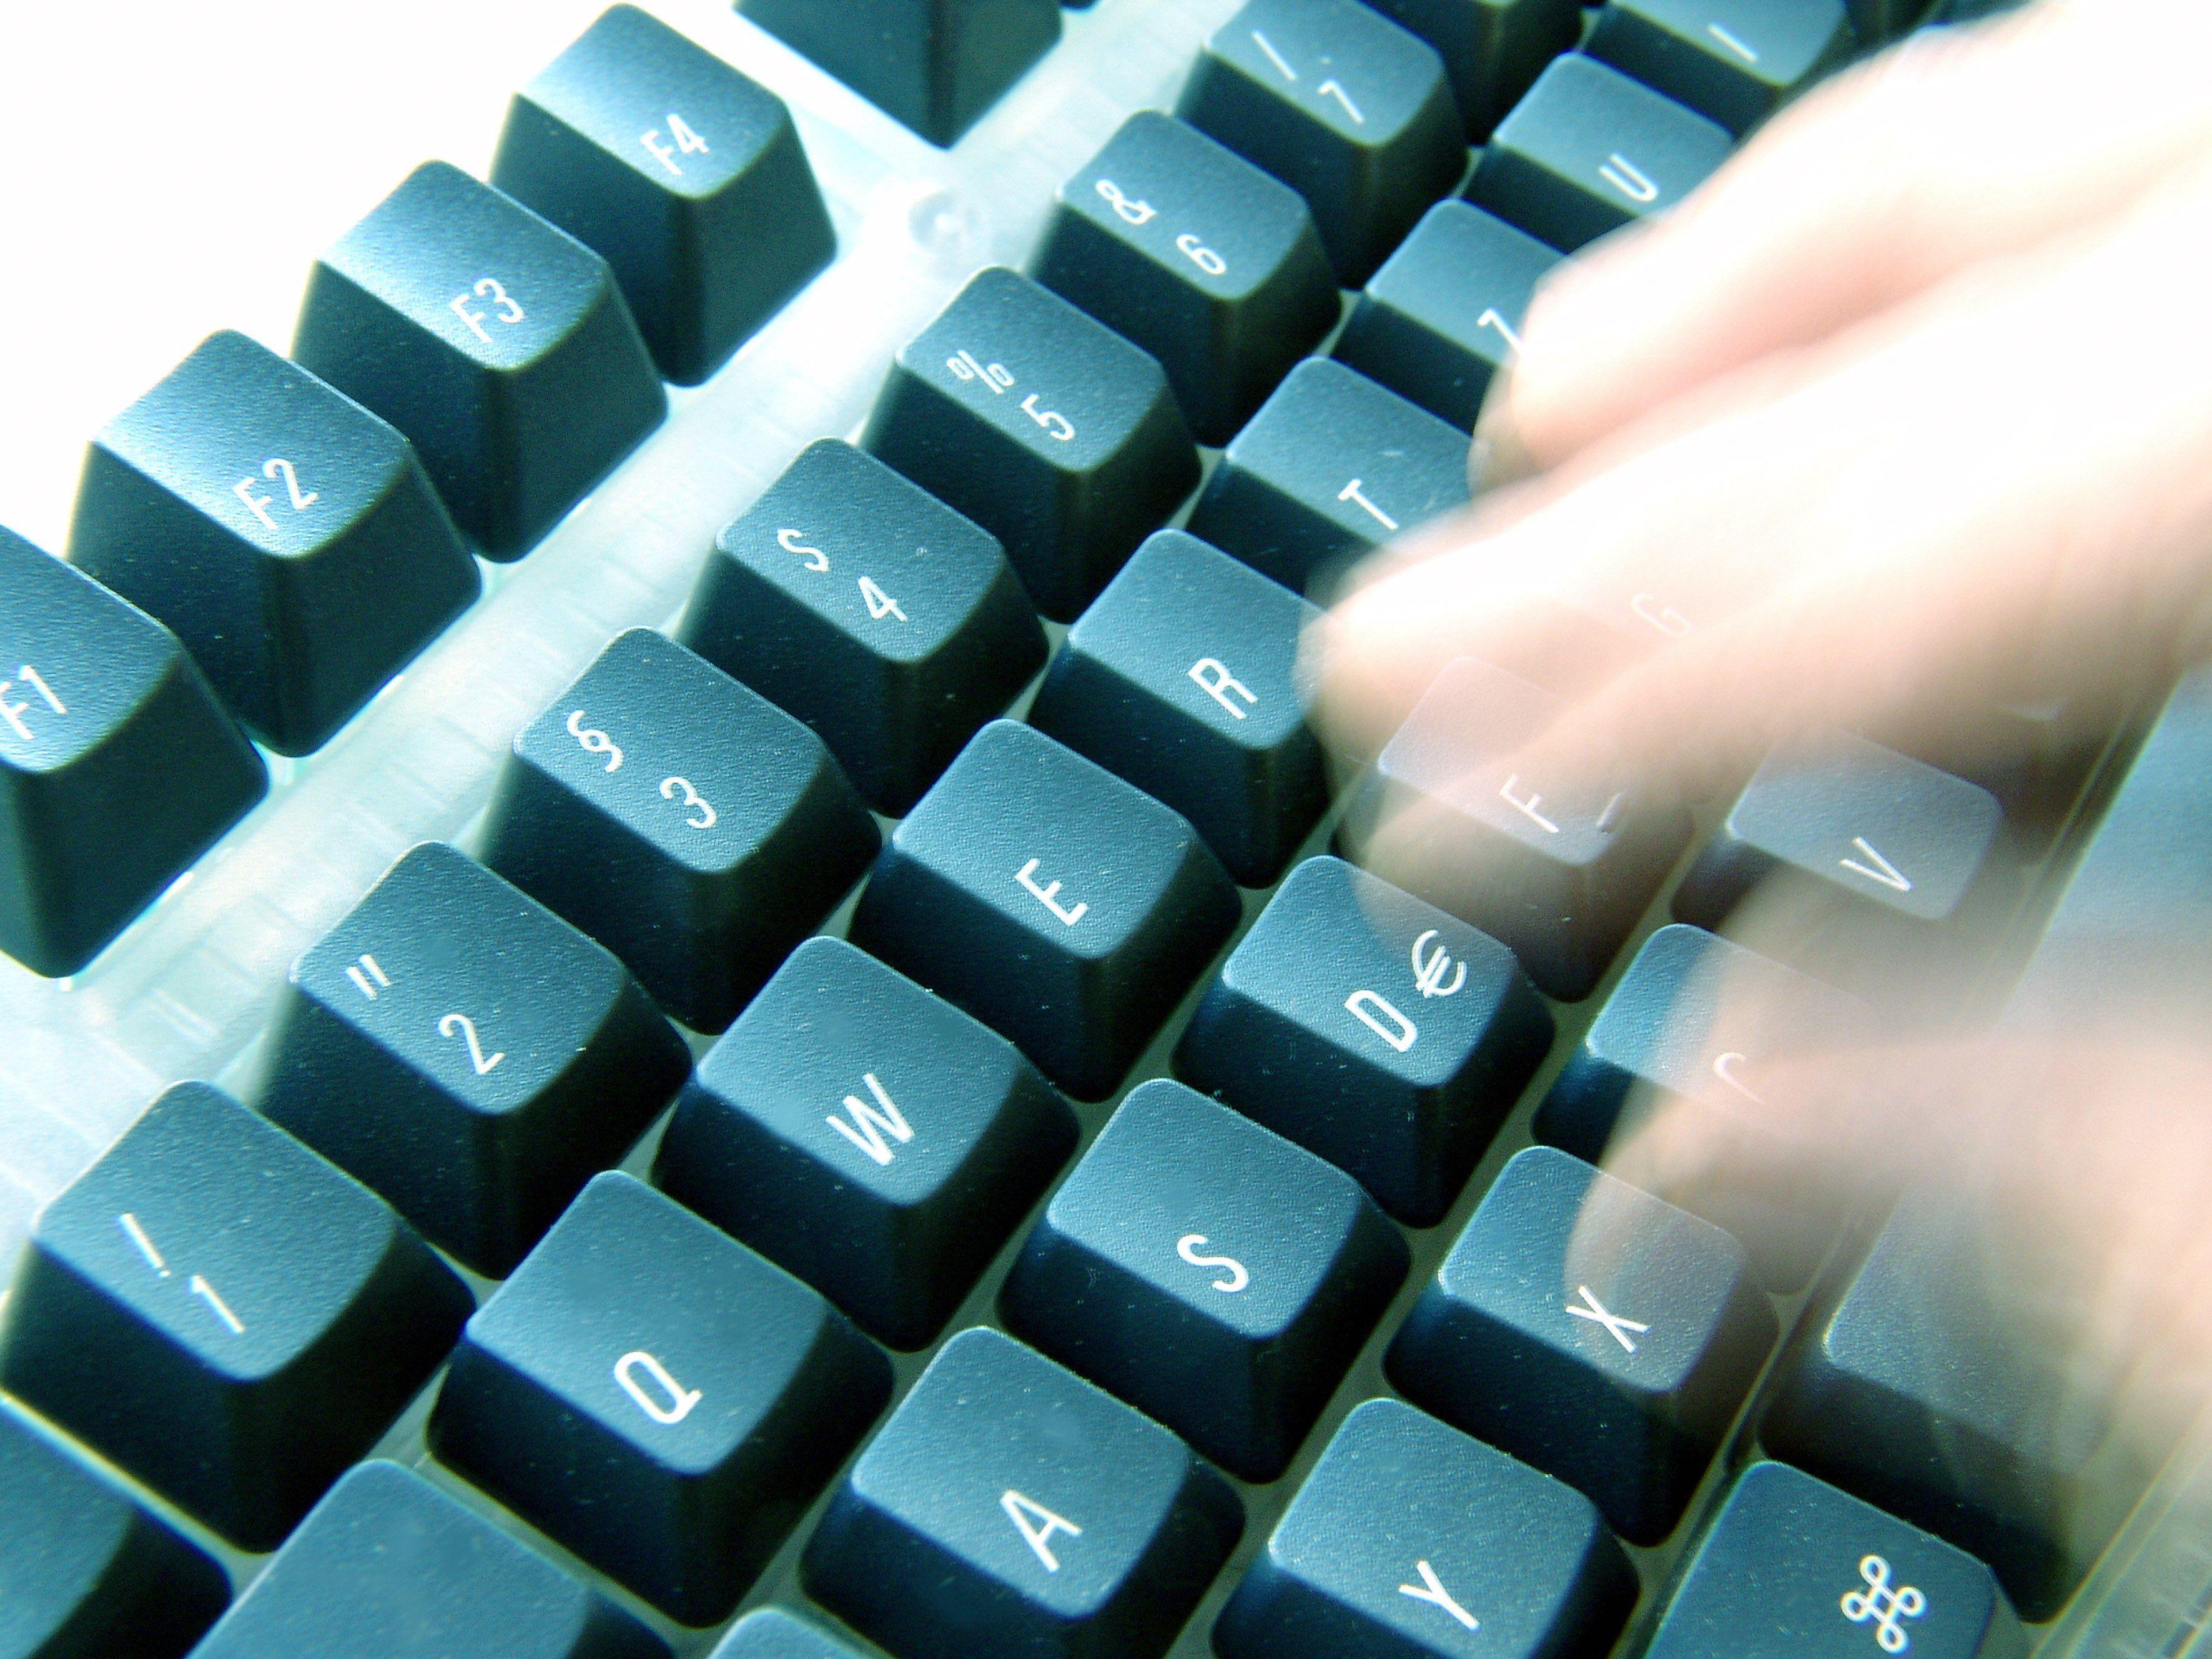 """Mit """"Nicknames"""" per Tastatur ins Internet: Die Justiz wacht auch hier über hetzerische Äußerungen."""